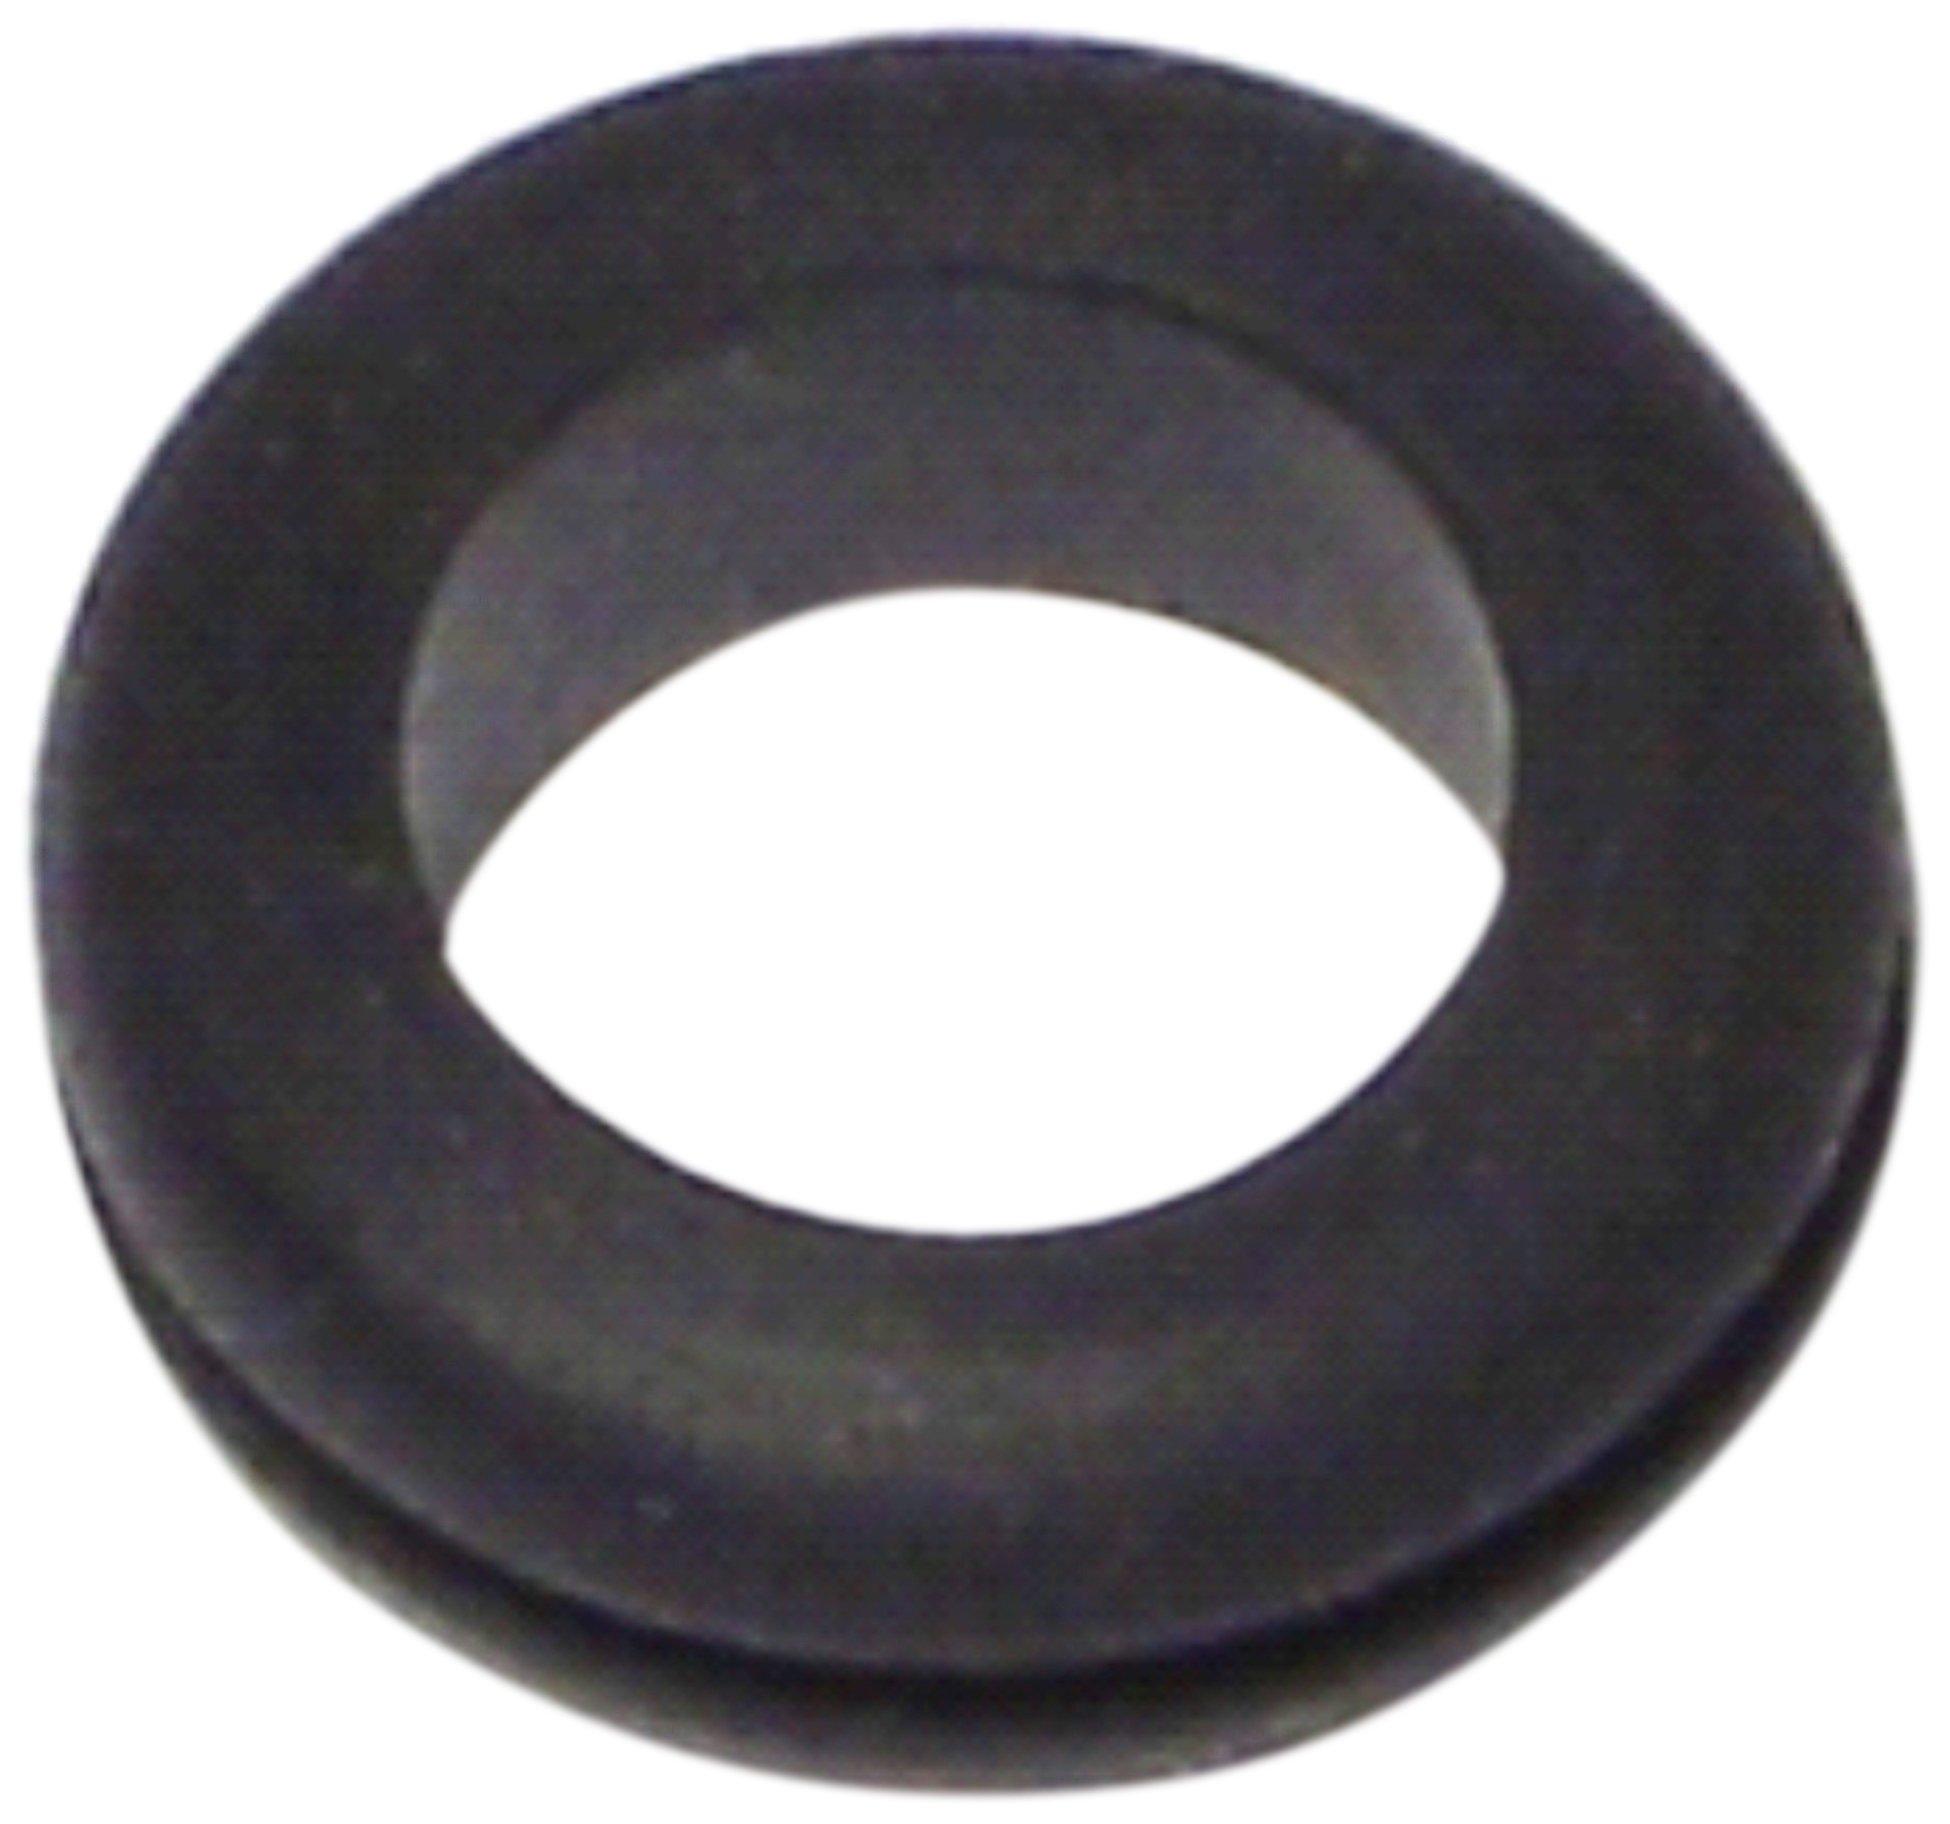 Hard-to-Find Fastener 014973176518 Grommets, 7/16 x 3/4 x 1/16-Inch, 20-Piece